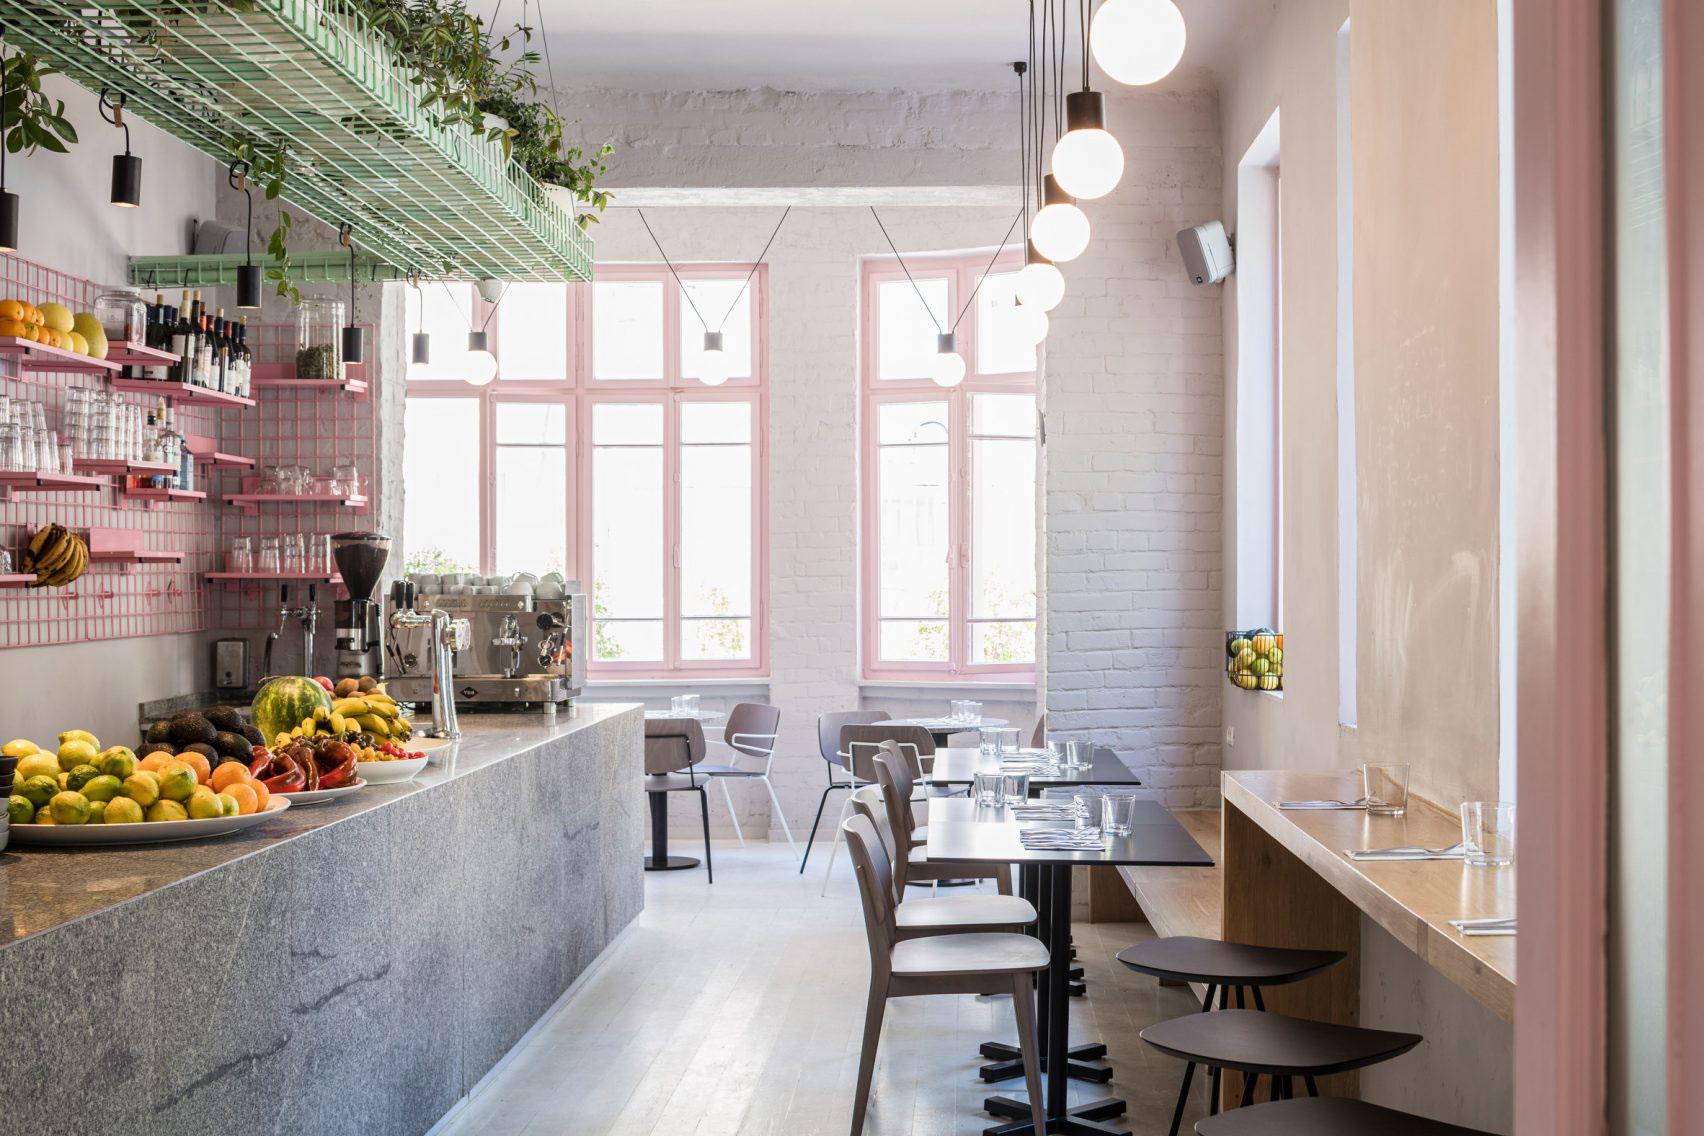 カフェ店舗の壁面を飾るのは材料で見せるワイヤーラックディスプレイ